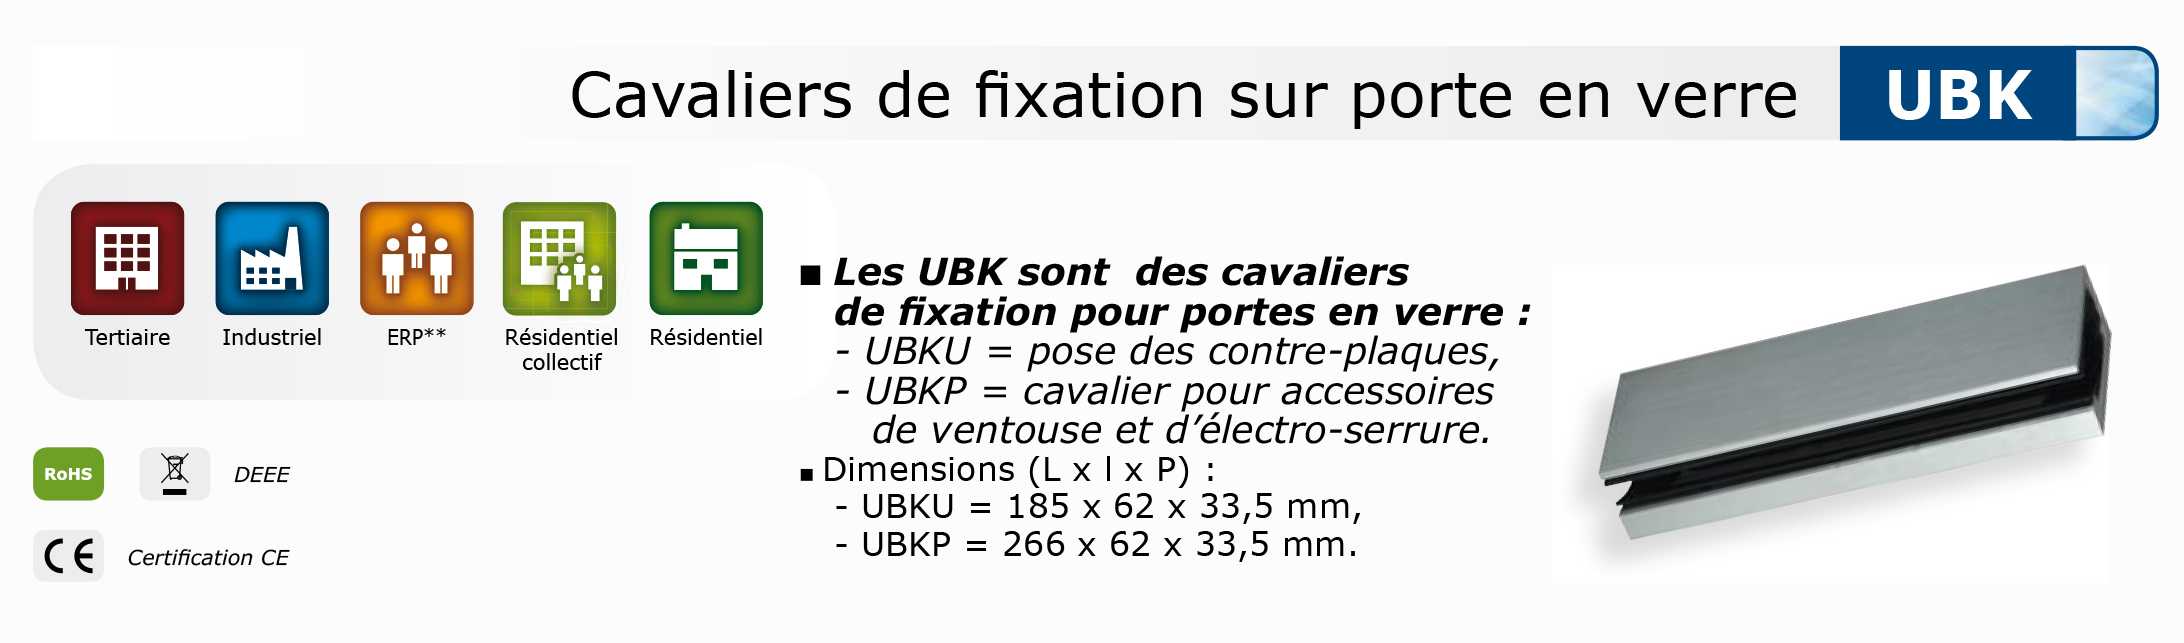 controleAccess_cavaliers-de-fixation-sur-porte-en-verre